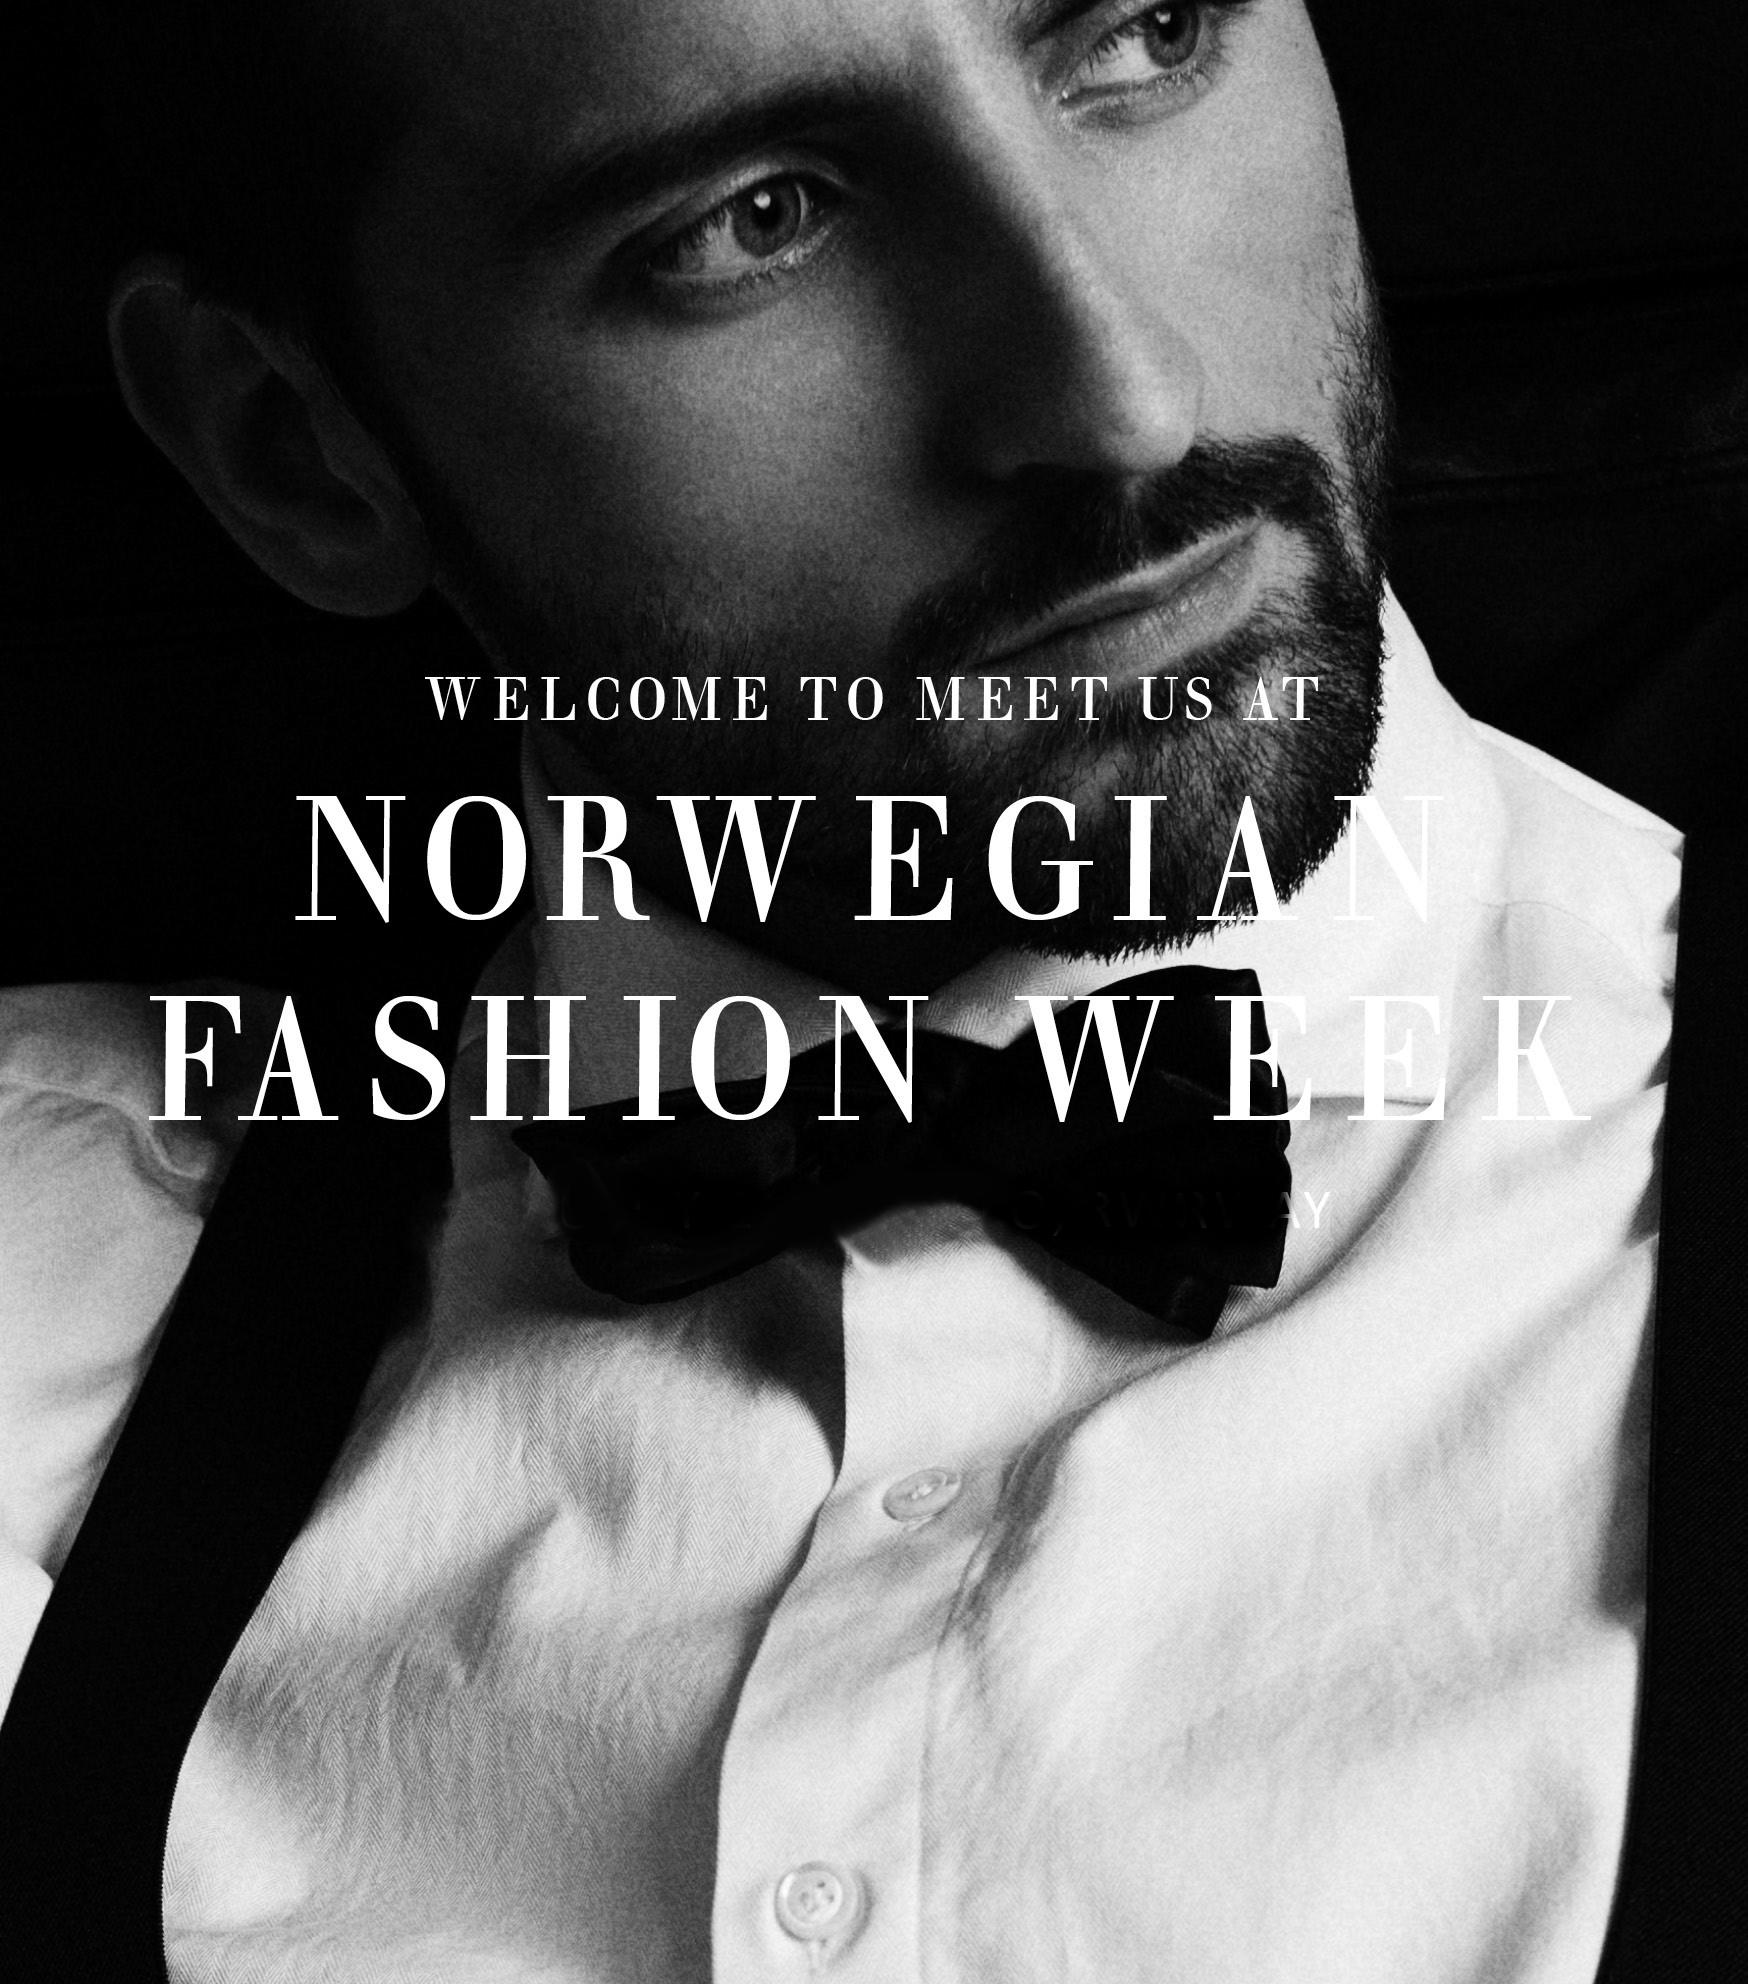 Norwegian Fashion Week in Oslo